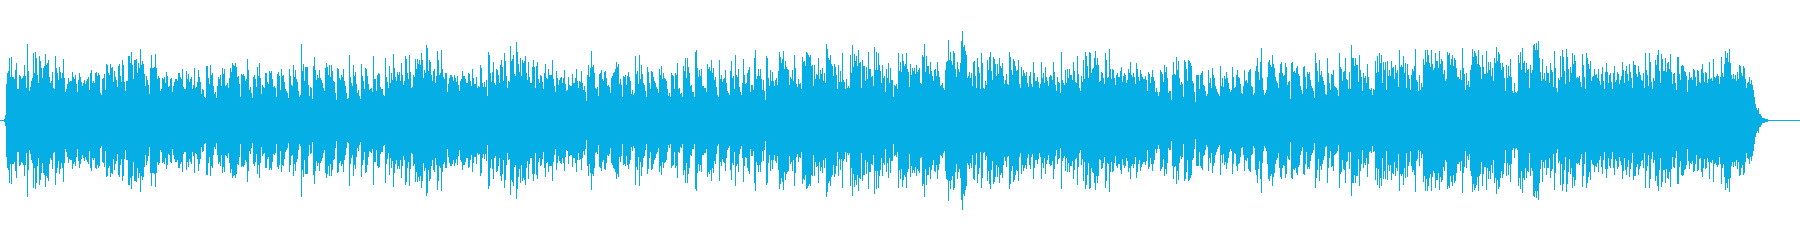 スローテンポのメルヘンなワルツの再生済みの波形